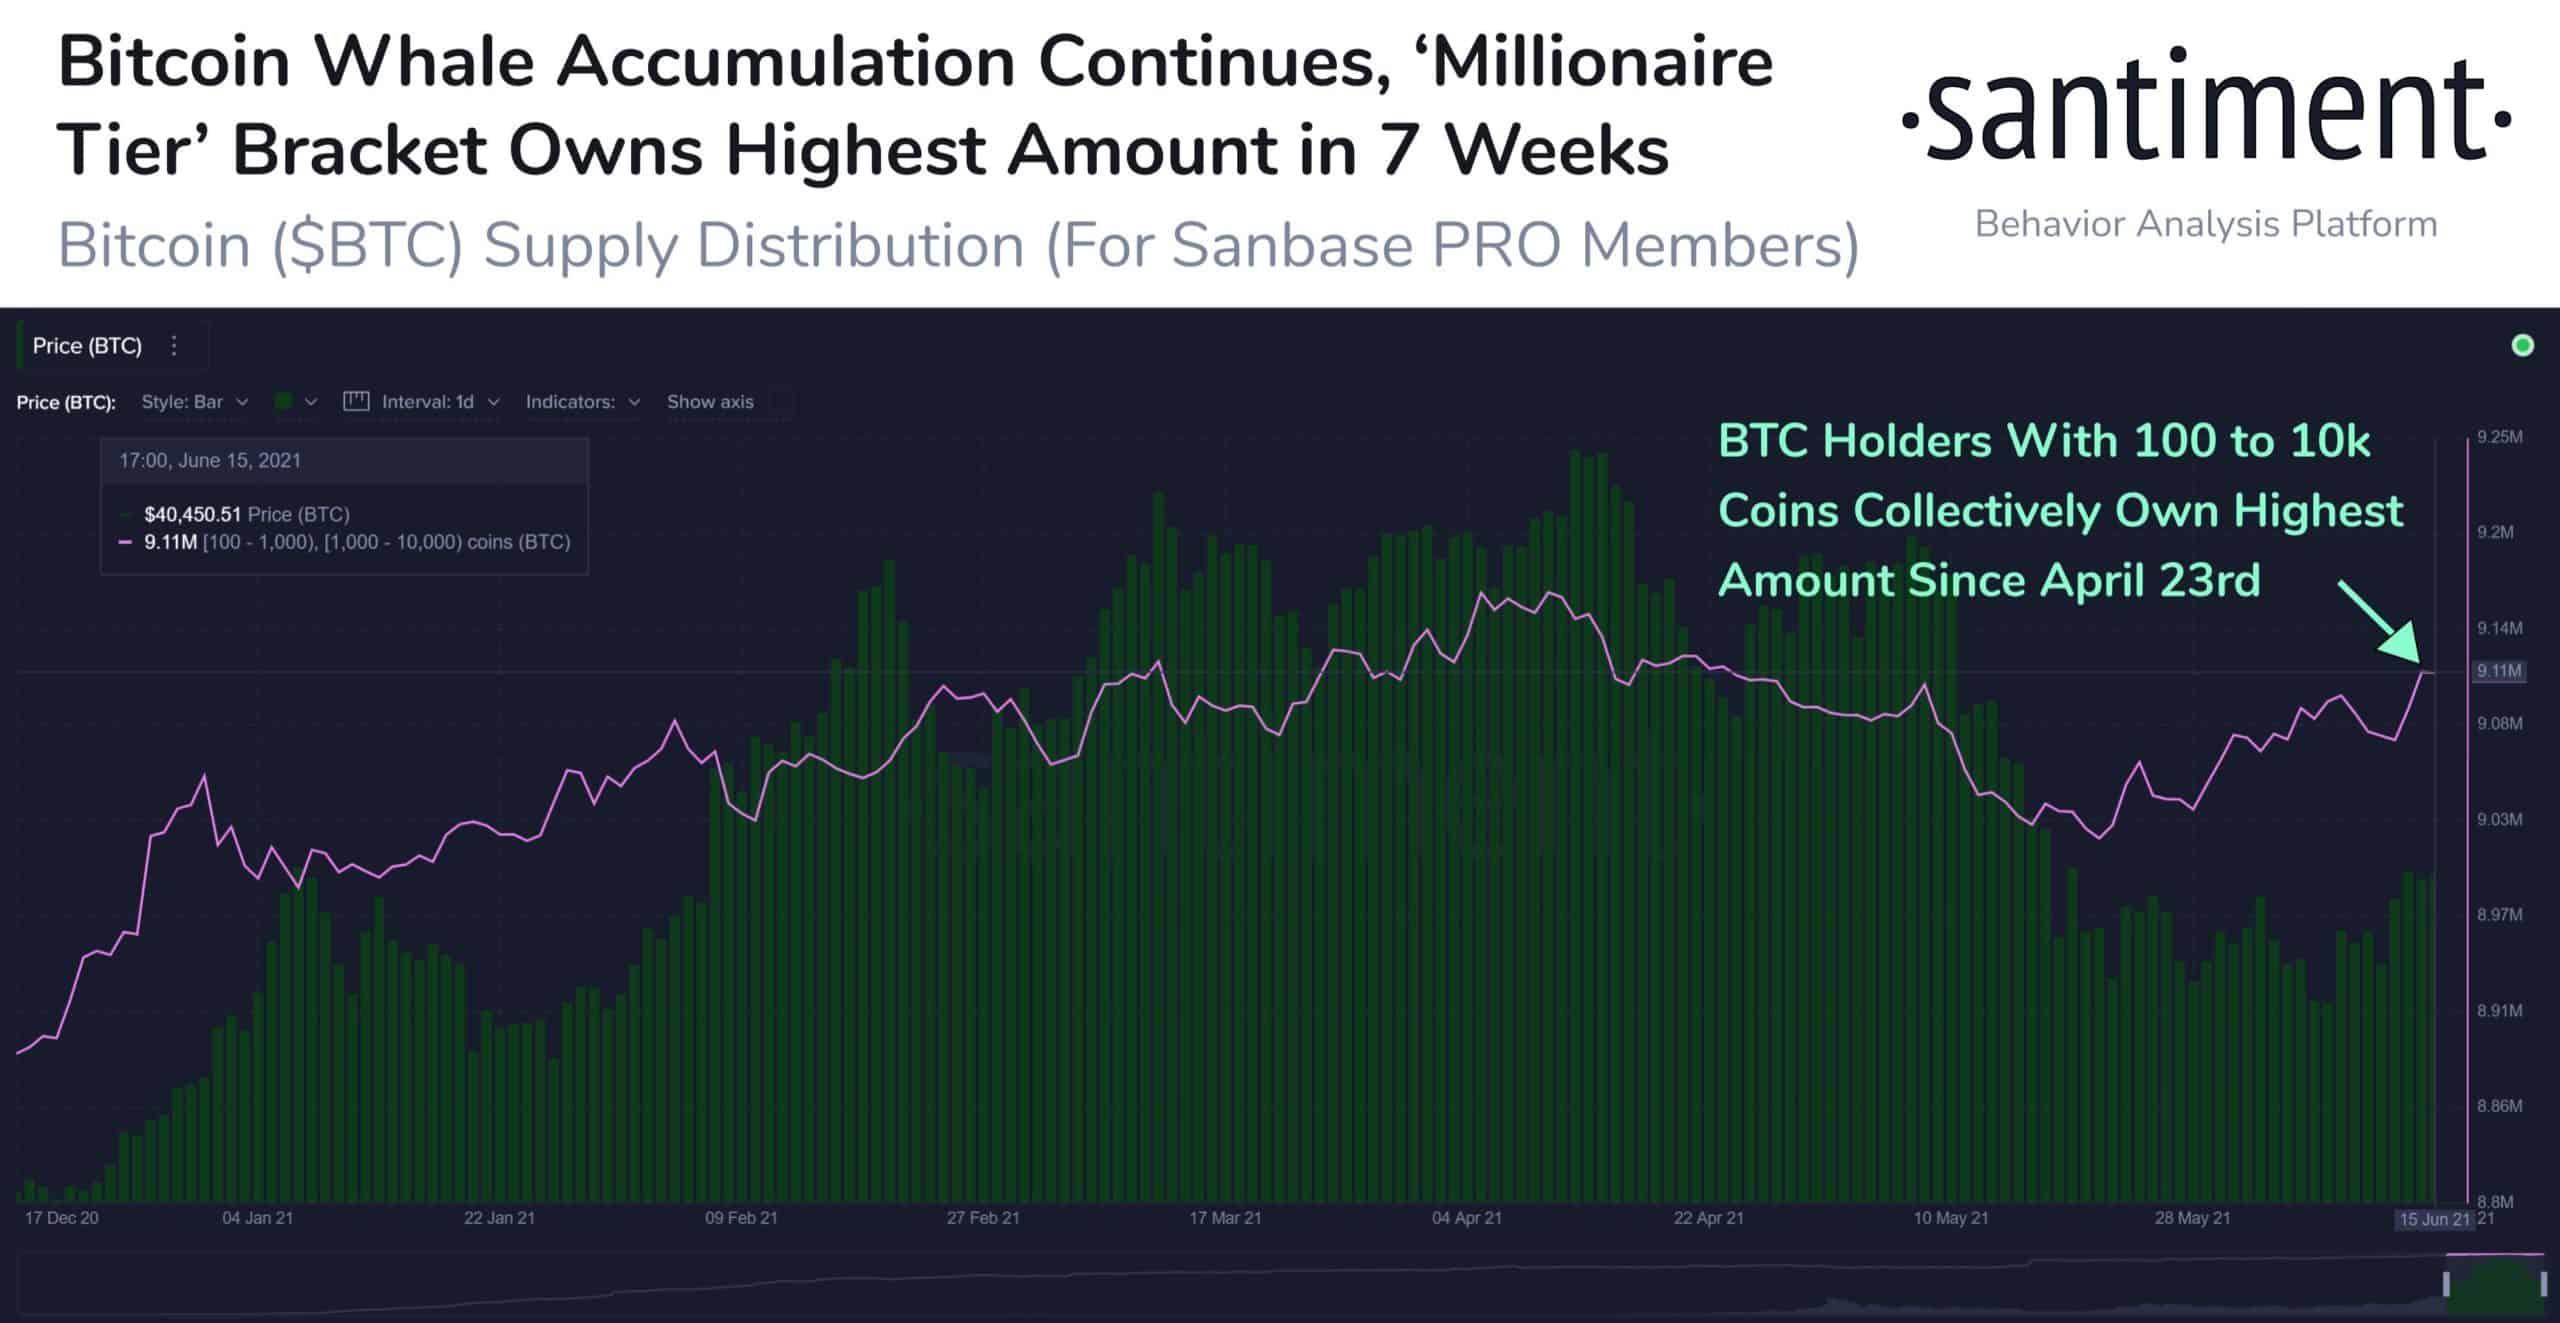 Bitcoin Whales' Behavior. Source: Santiment